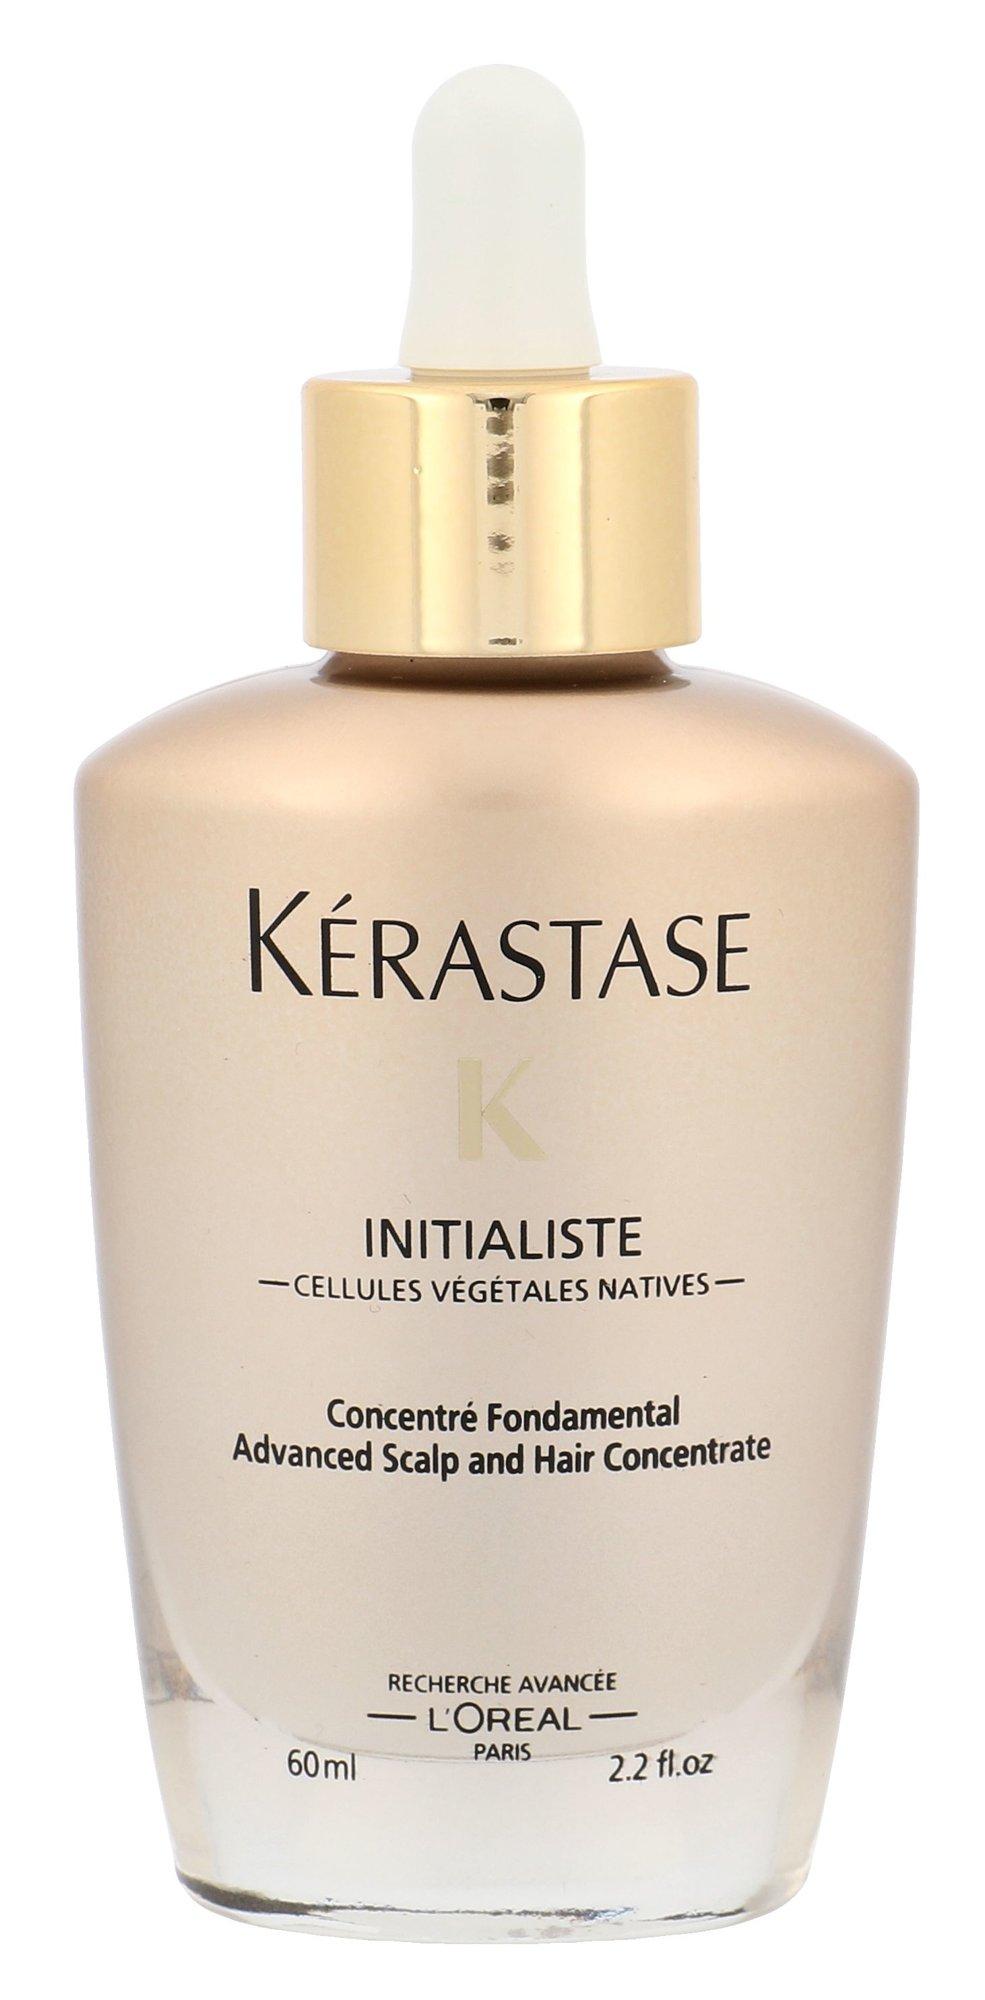 Kérastase Initialiste Cosmetic 60ml